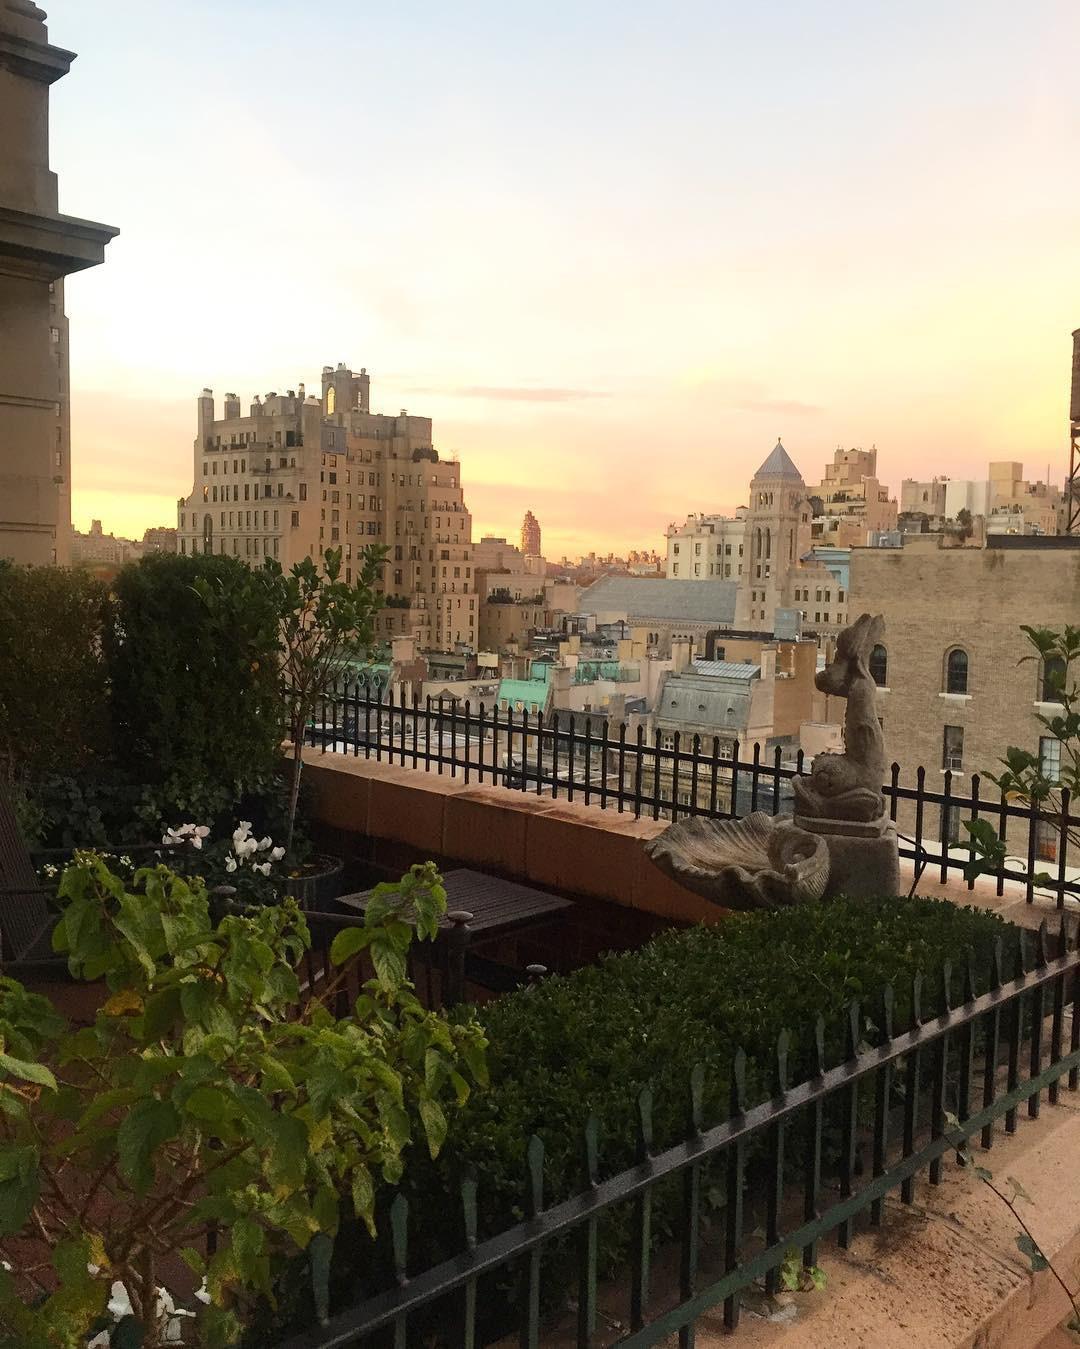 Được mệnh danh là một trong những khách sạn lãng mạn nhất thế giới, cầu hôn ở đây thì 99% là... có vợ nhé! - Ảnh 8.